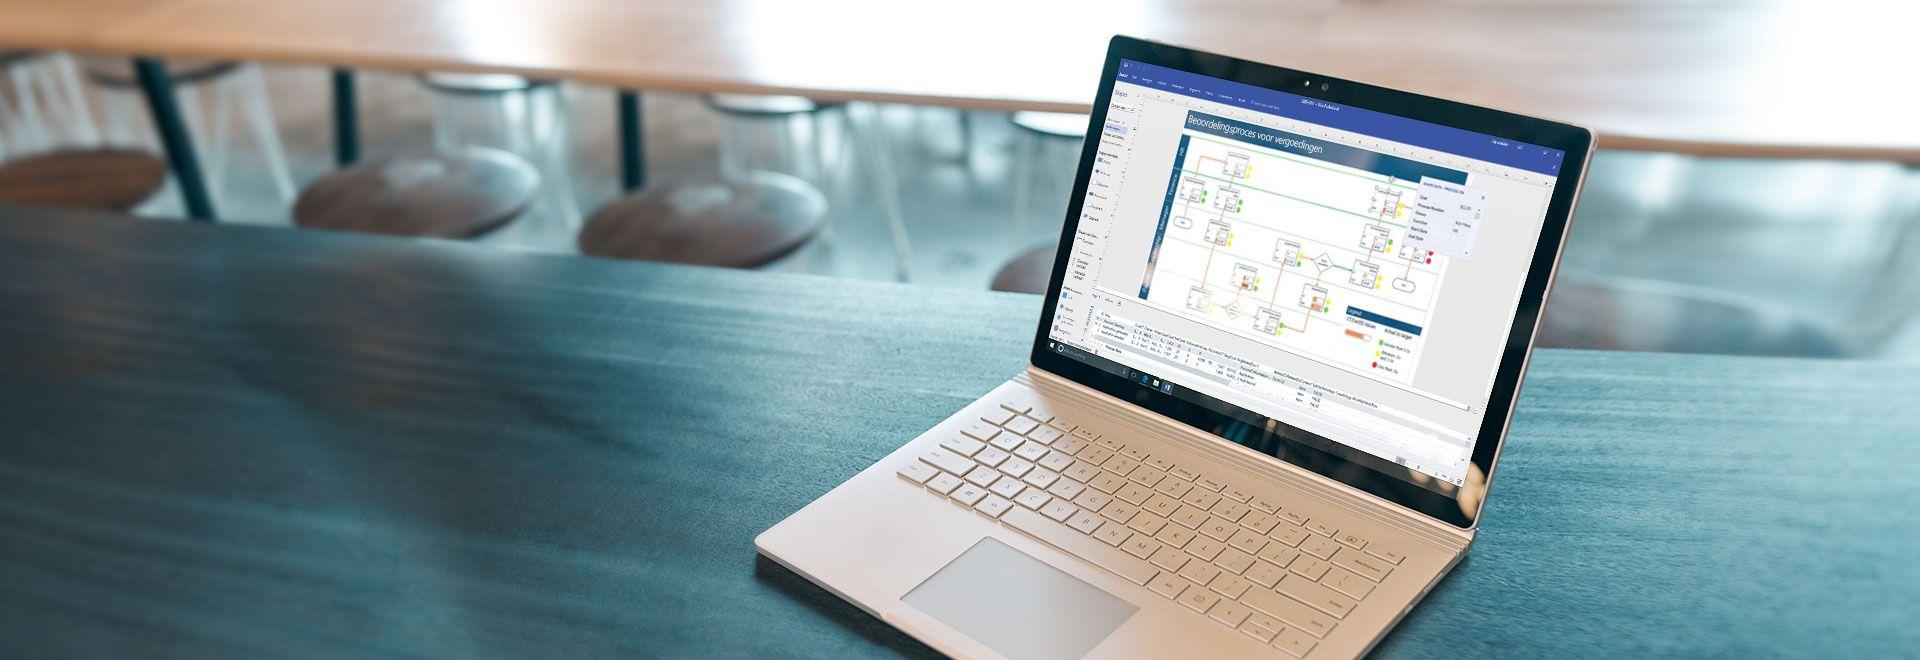 Een laptop waarop een werkstroomdiagram wordt weergegeven in Visio Online